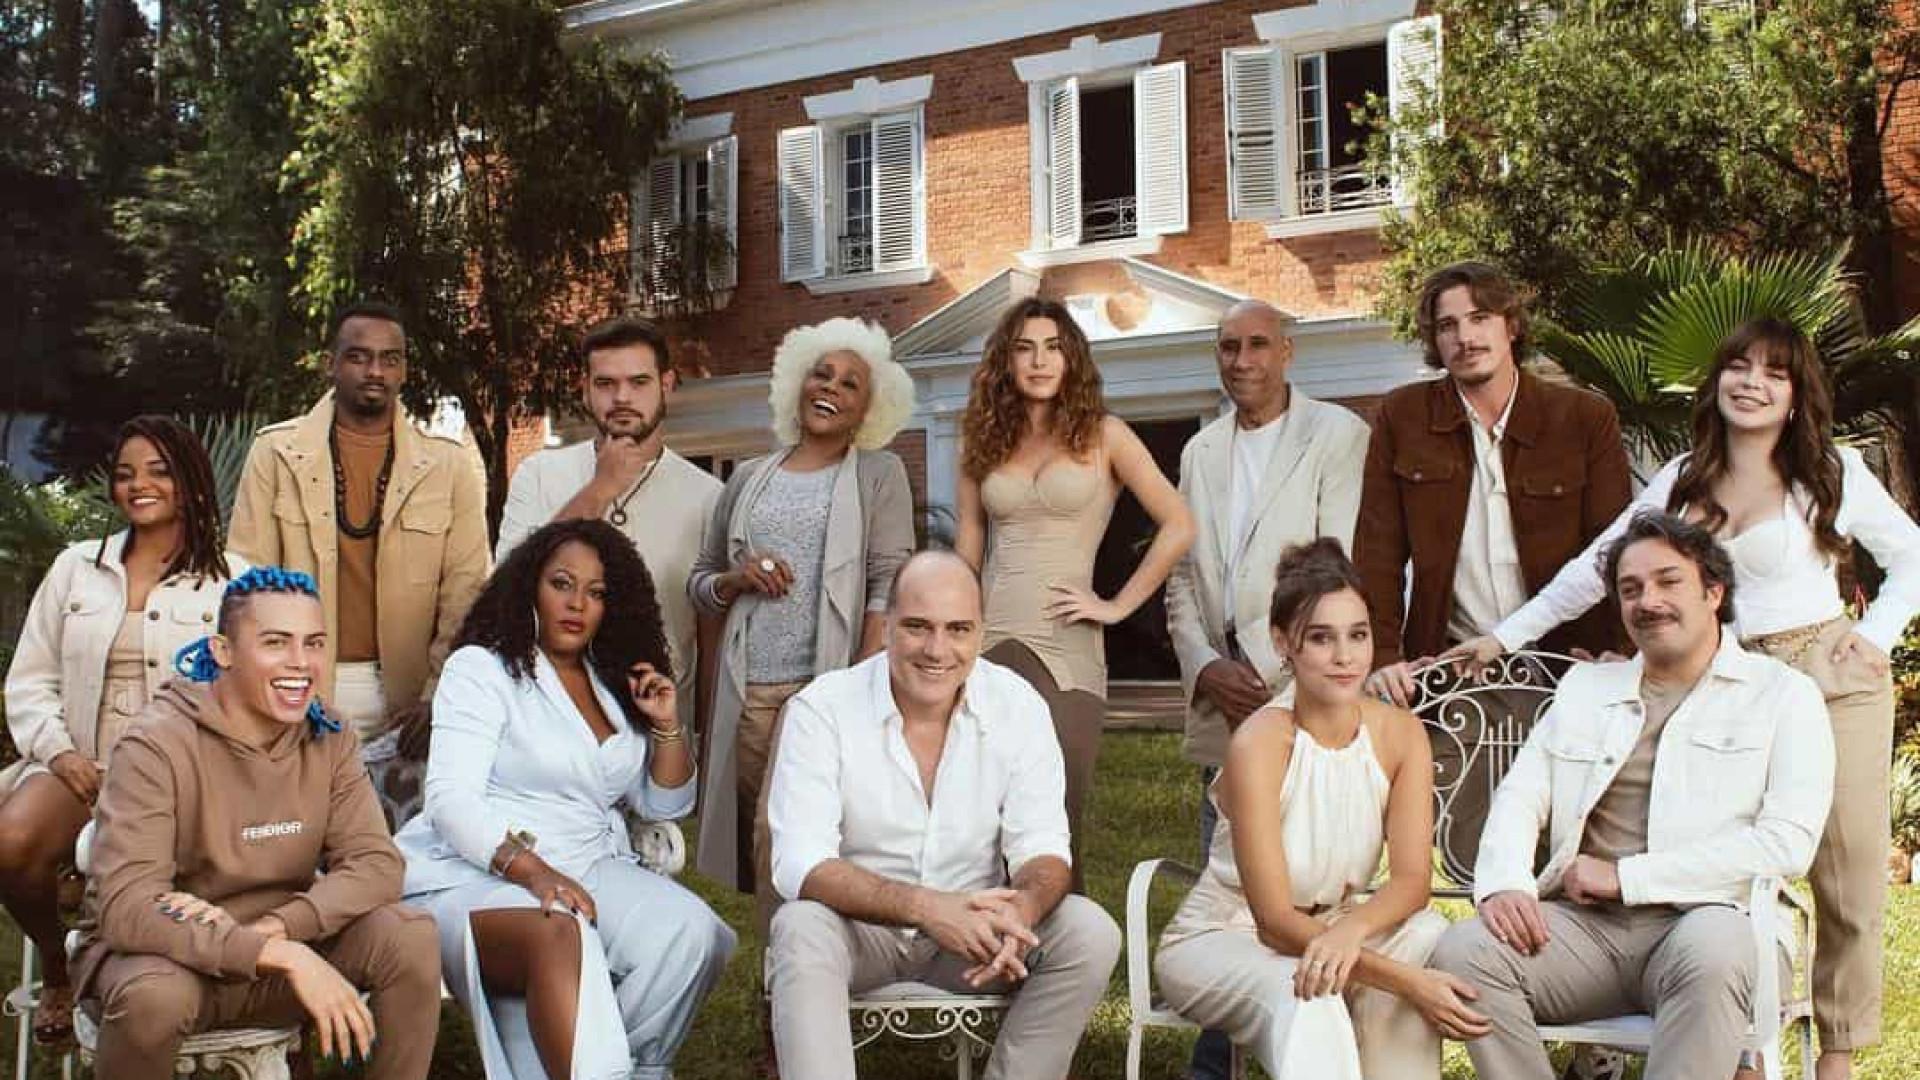 Fernanda Paes Leme faz parte de nova série brasileira de comédia da Netflix